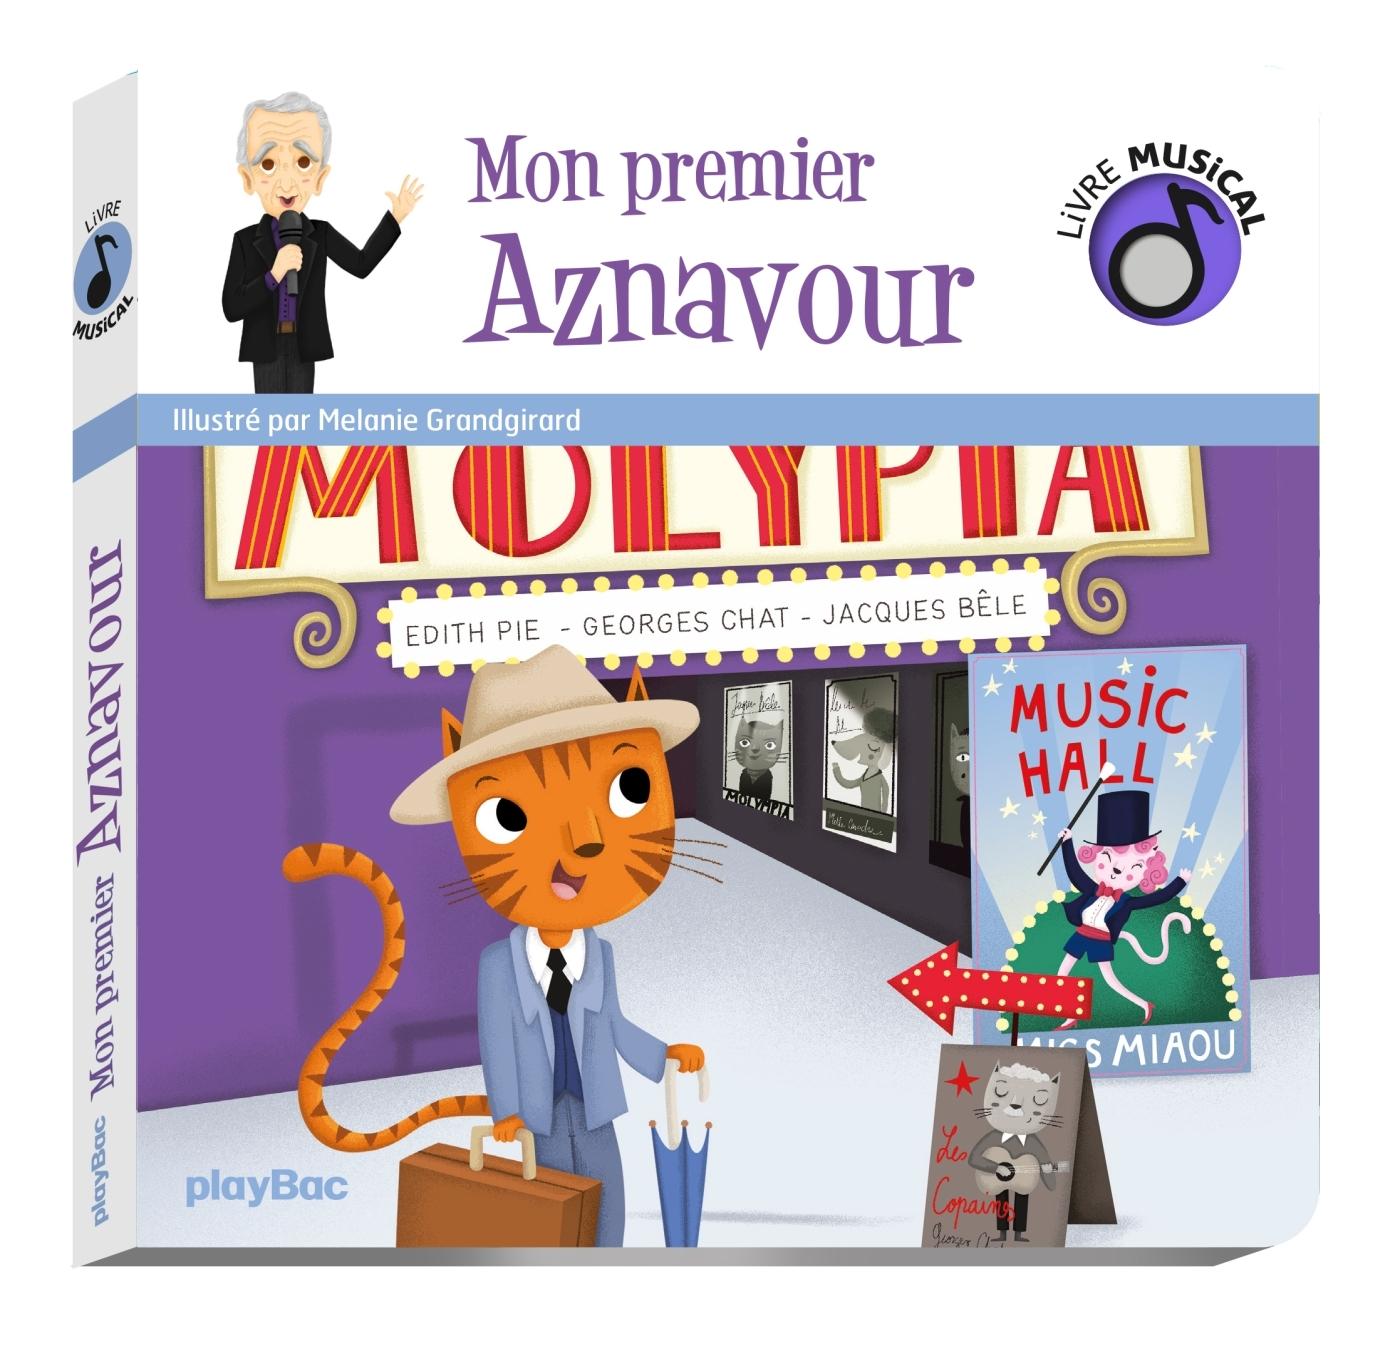 LIVRE MUSICAL - MON PREMIER AZNAVOUR